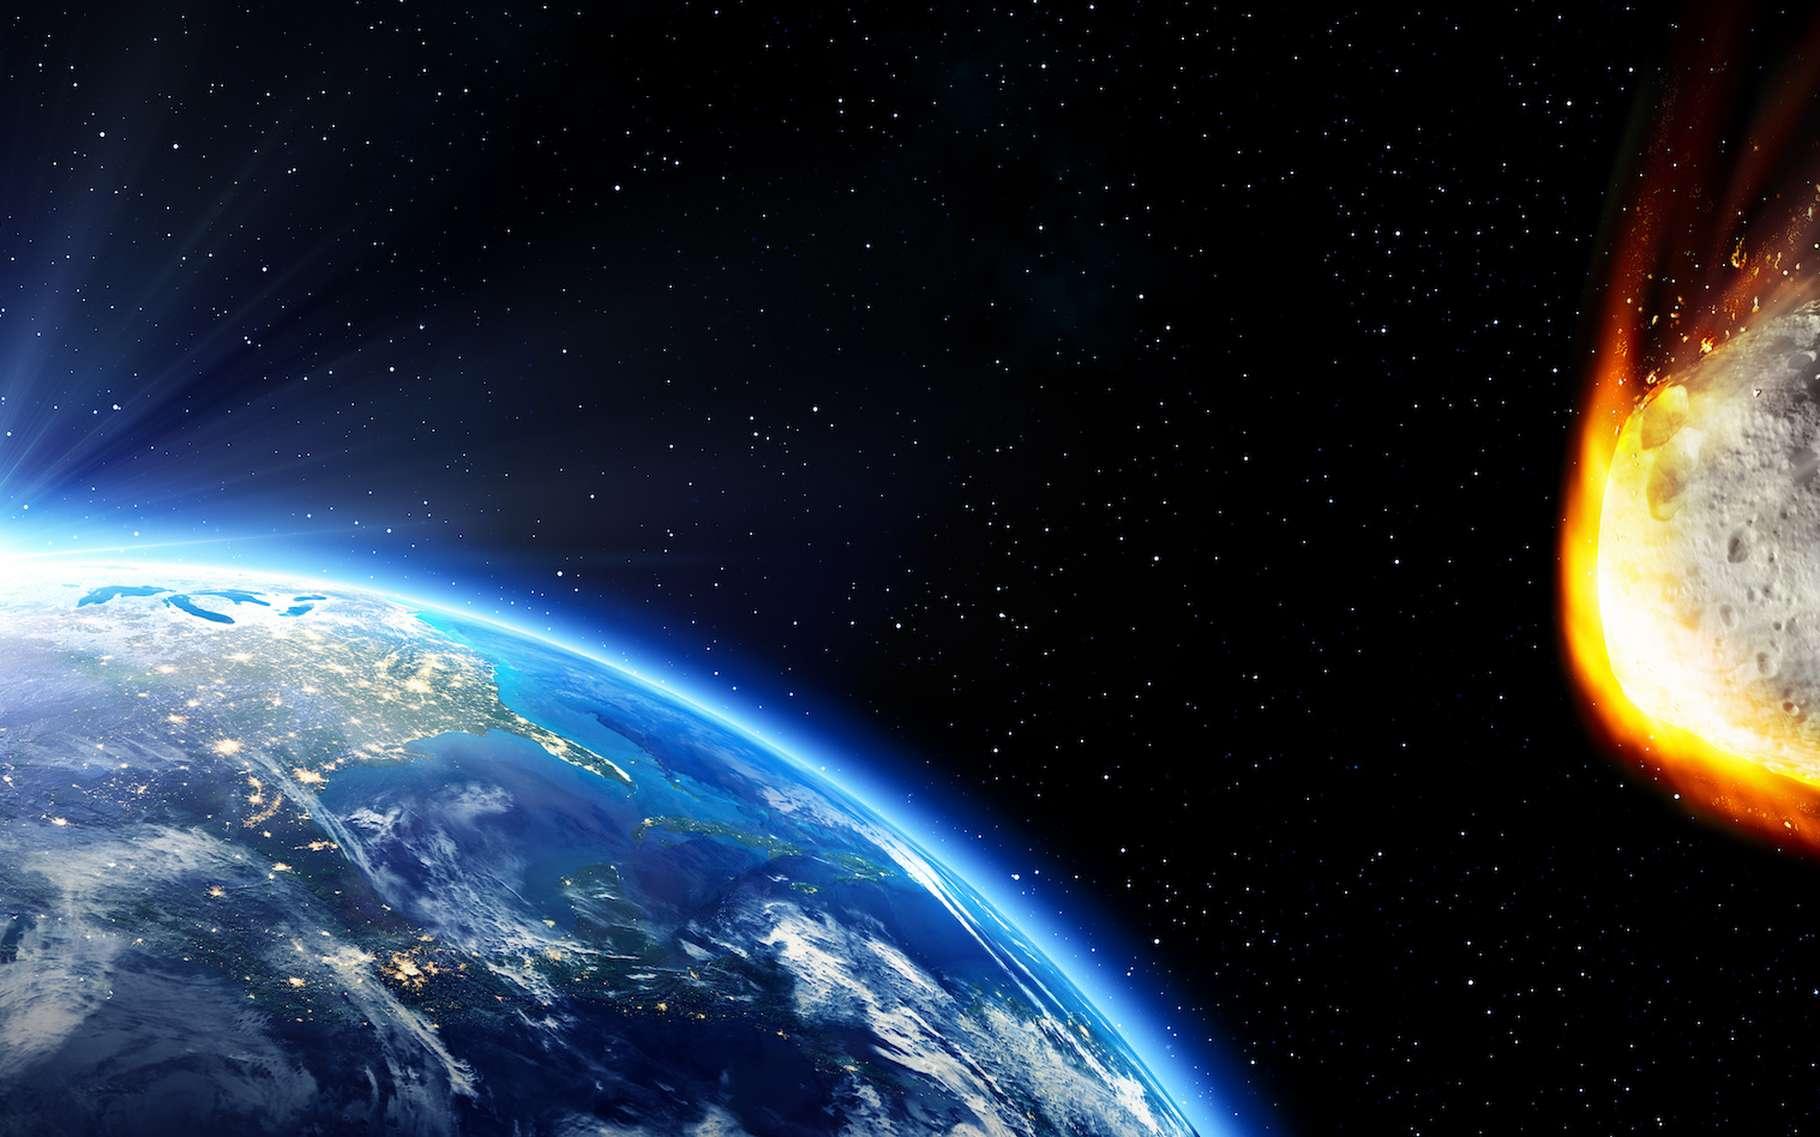 Selon les modèles développés par des chercheurs de l'Institut de physique de Krasnoïarsk (Russie), l'événement de Toungouska a pu être produit par un astéroïde de passage dans l'atmosphère de notre Terre. © Romolo Tavani, Adobe Stock